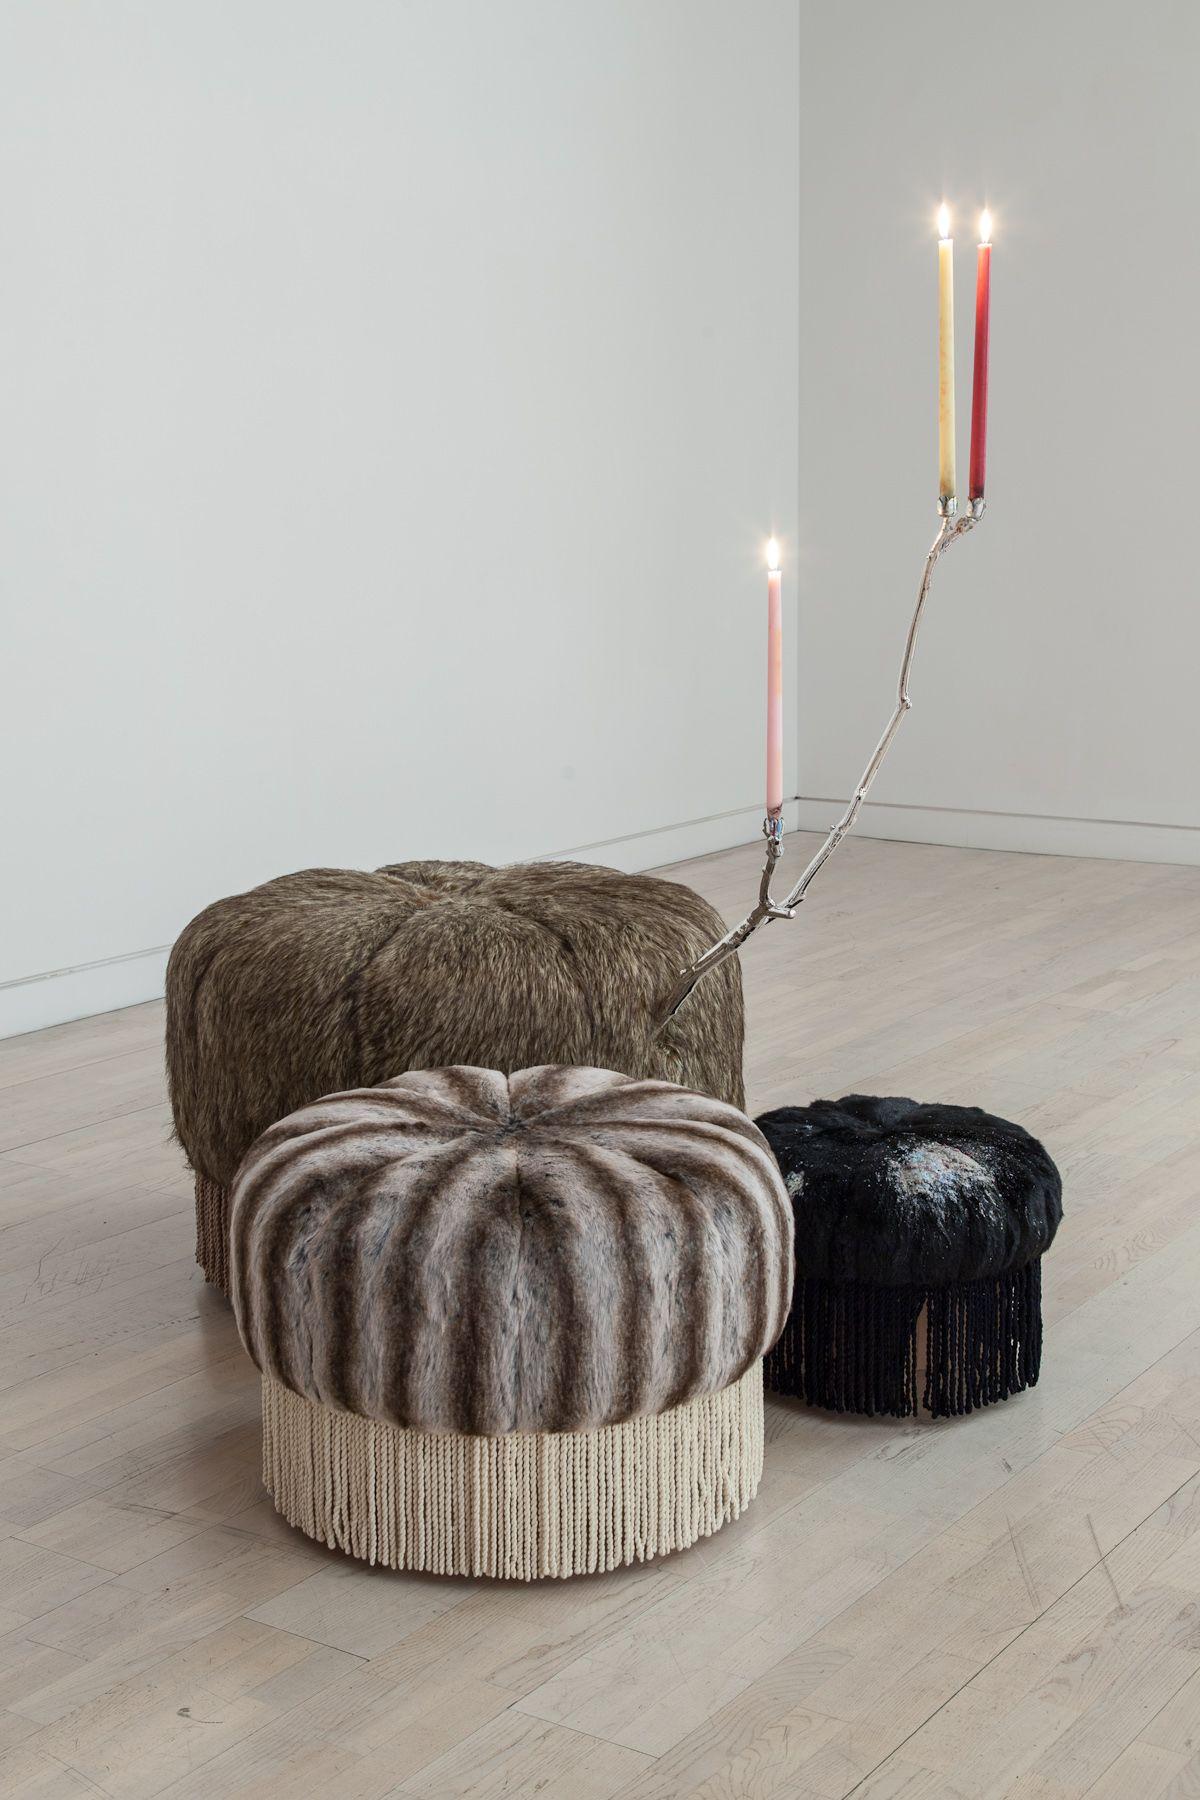 Virgil Marti Locks Gallery